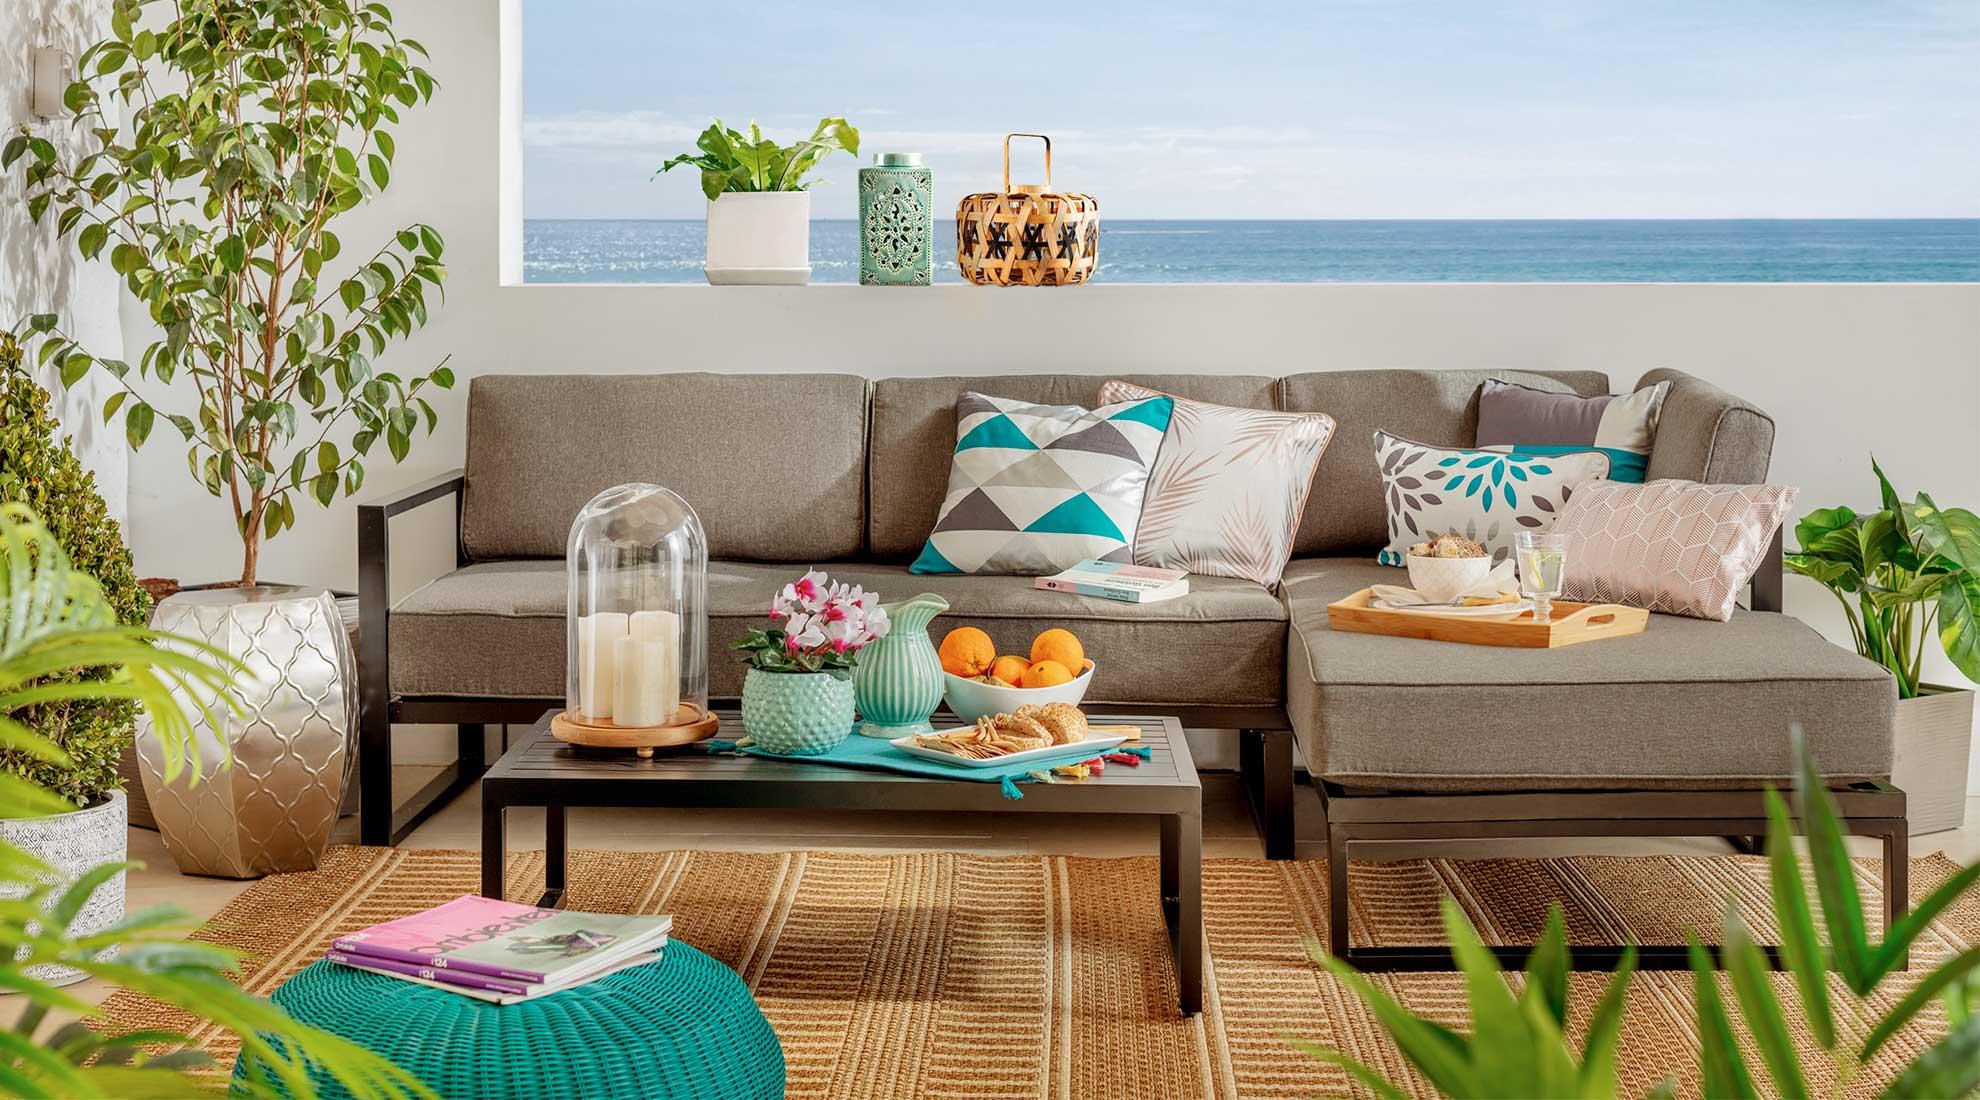 Verano a la vista: alista tu casa de playa para esta temporada